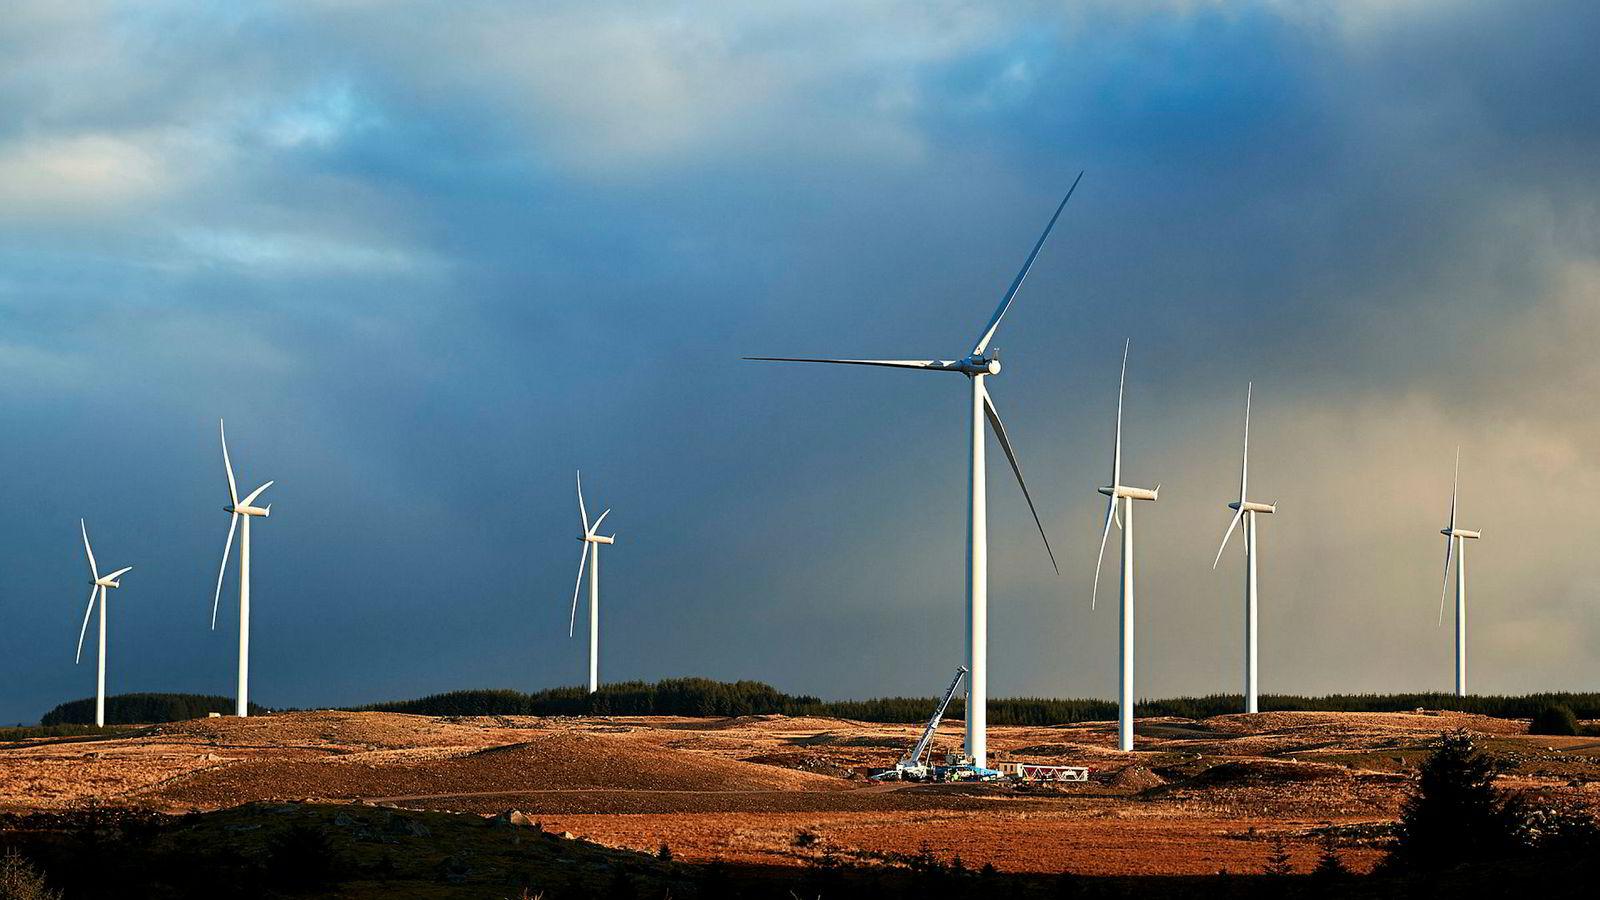 For Norges del kan vindkraft være et nytt supplement til vannkraften fordi det blåser mest om vinteren når det er lite tilsig i vannmagasinene og når etterspørselen etter strøm er høyest.